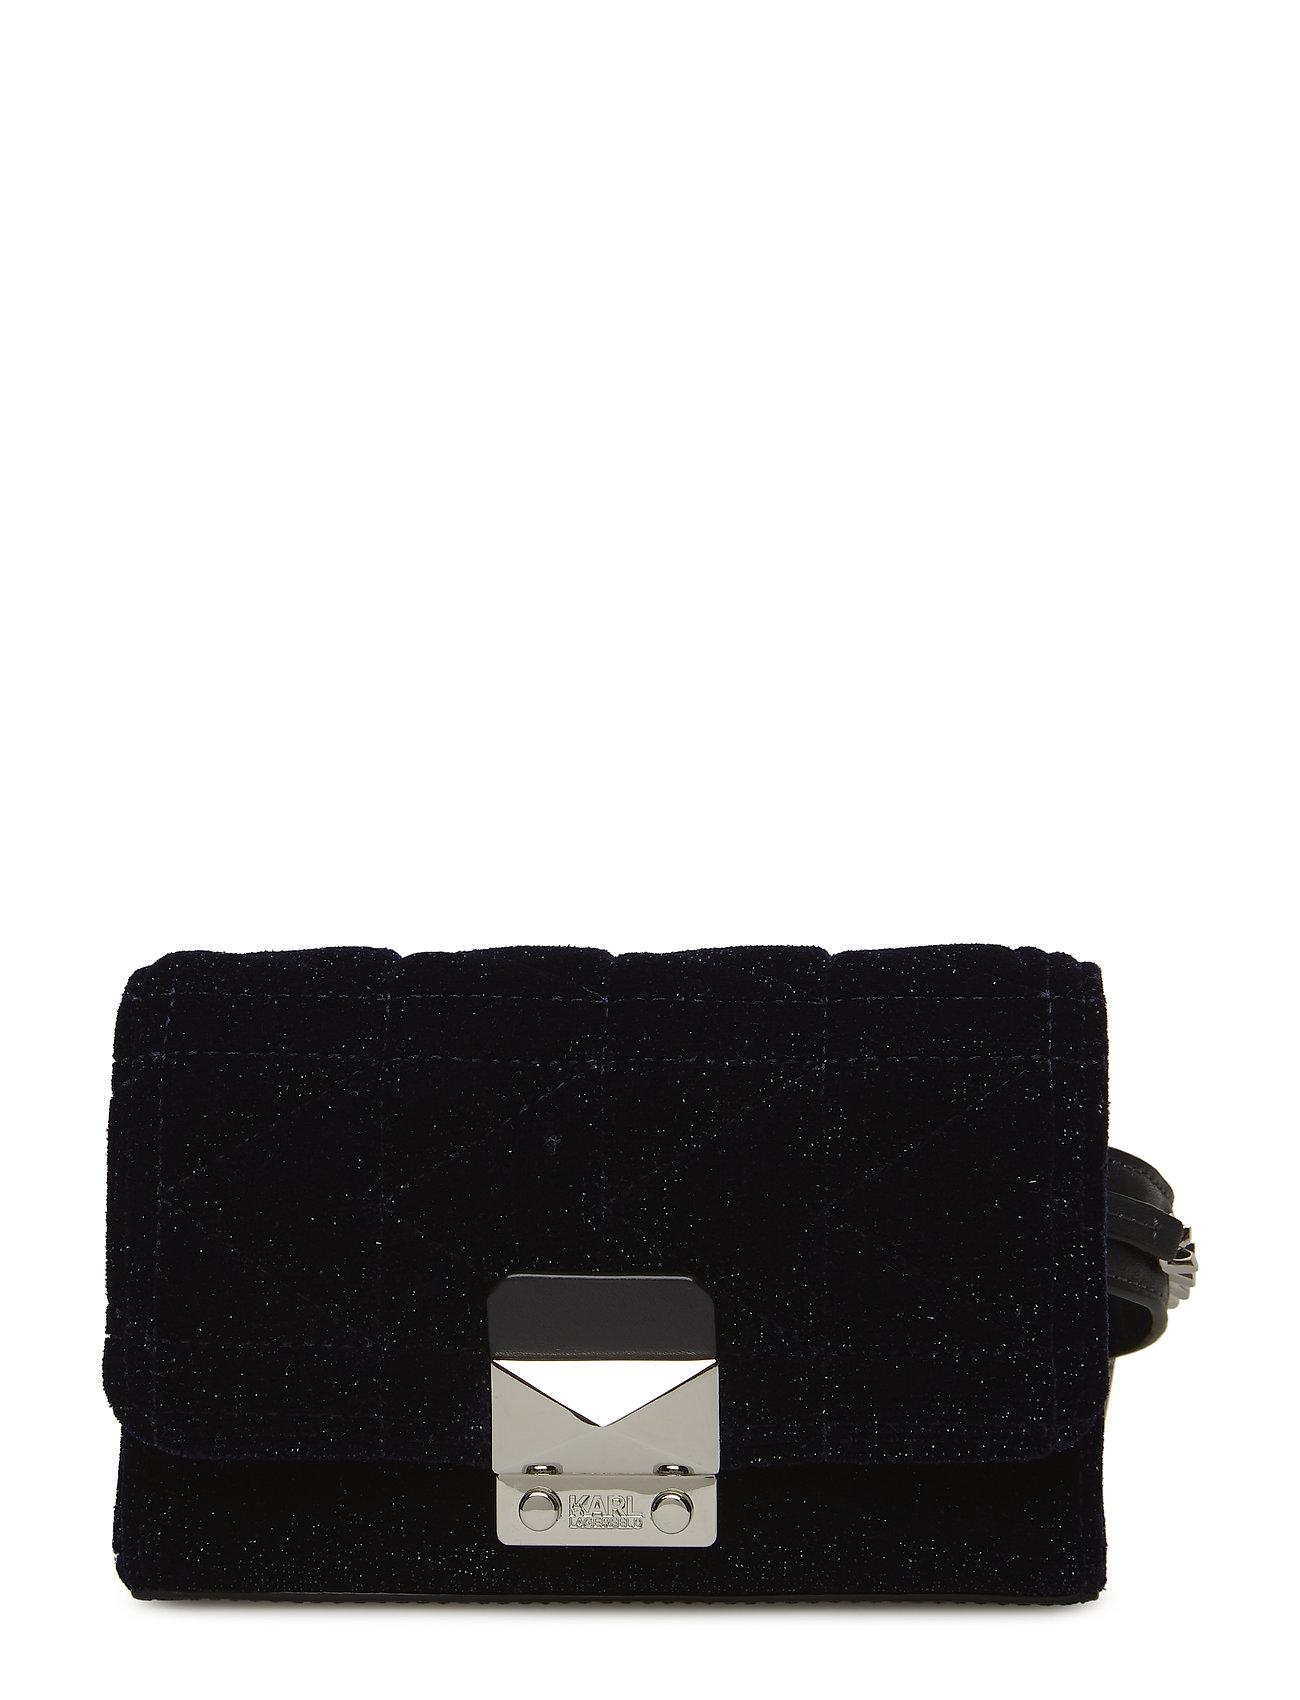 Karl Lagerfeld bags KARL LAGERFLED-Karl X Kaia Velvet Bum Bag